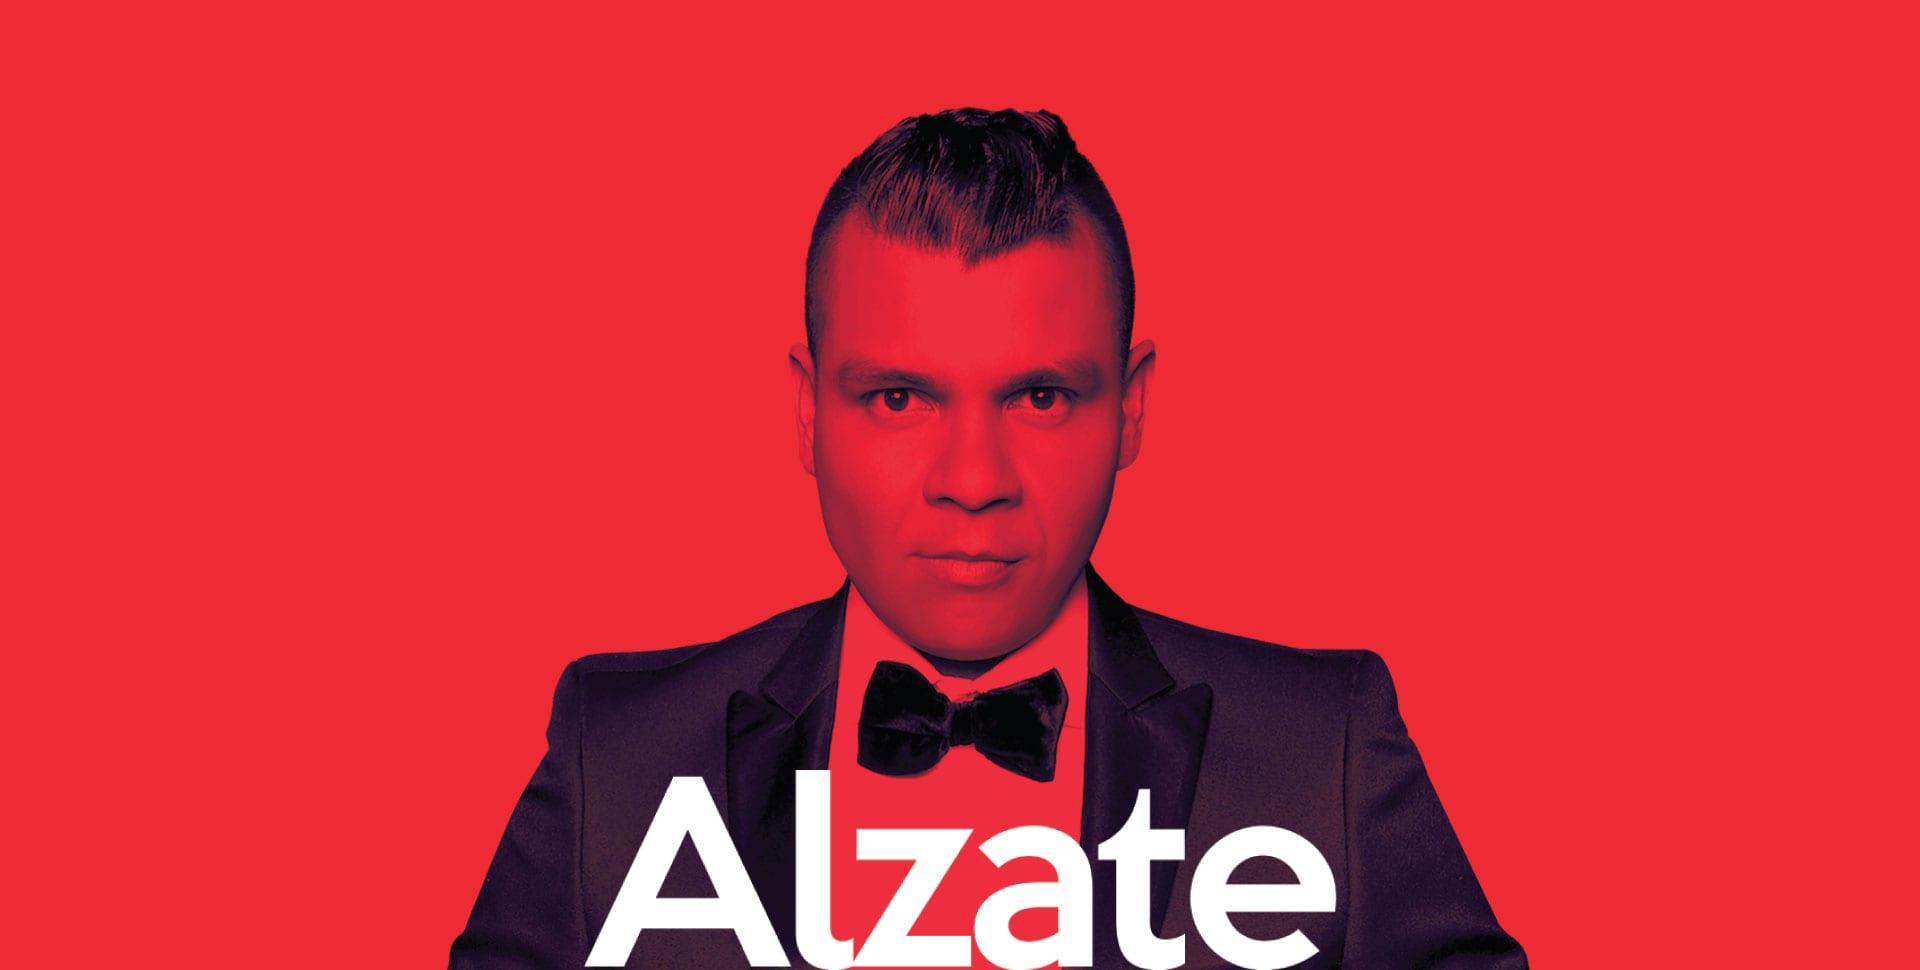 Alzate 2heart